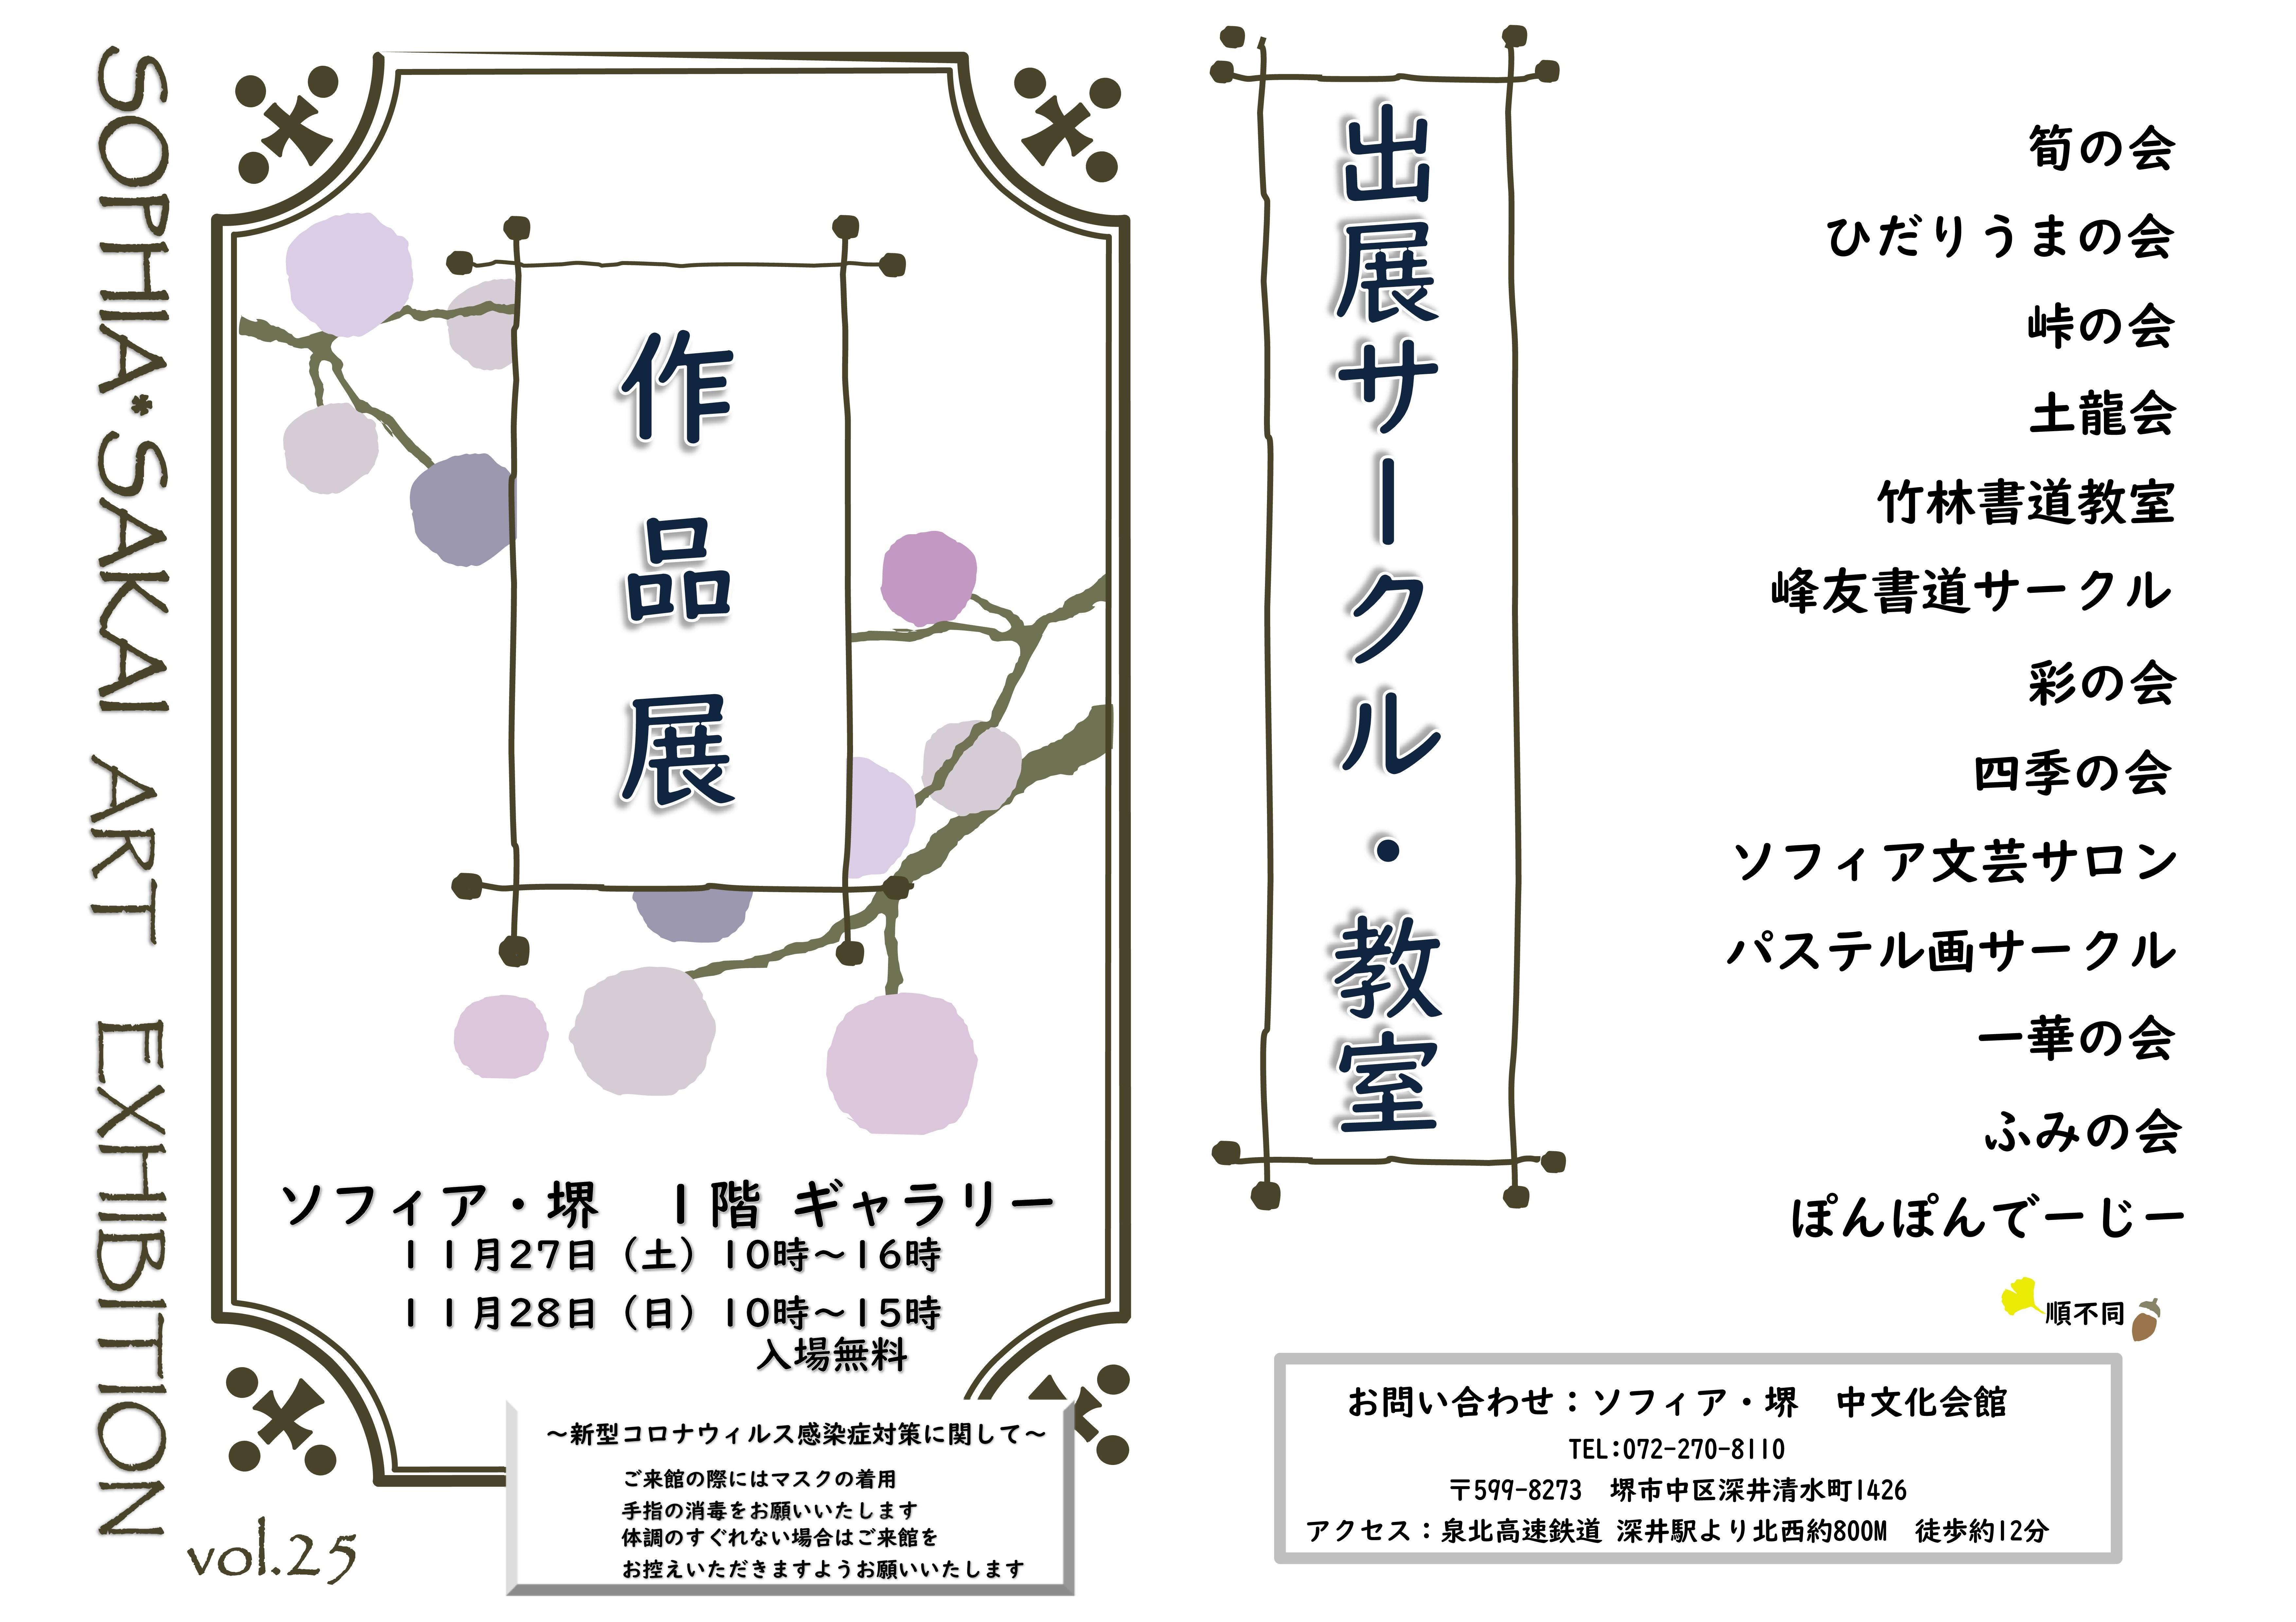 第25回 ソフィア・堺 作品展